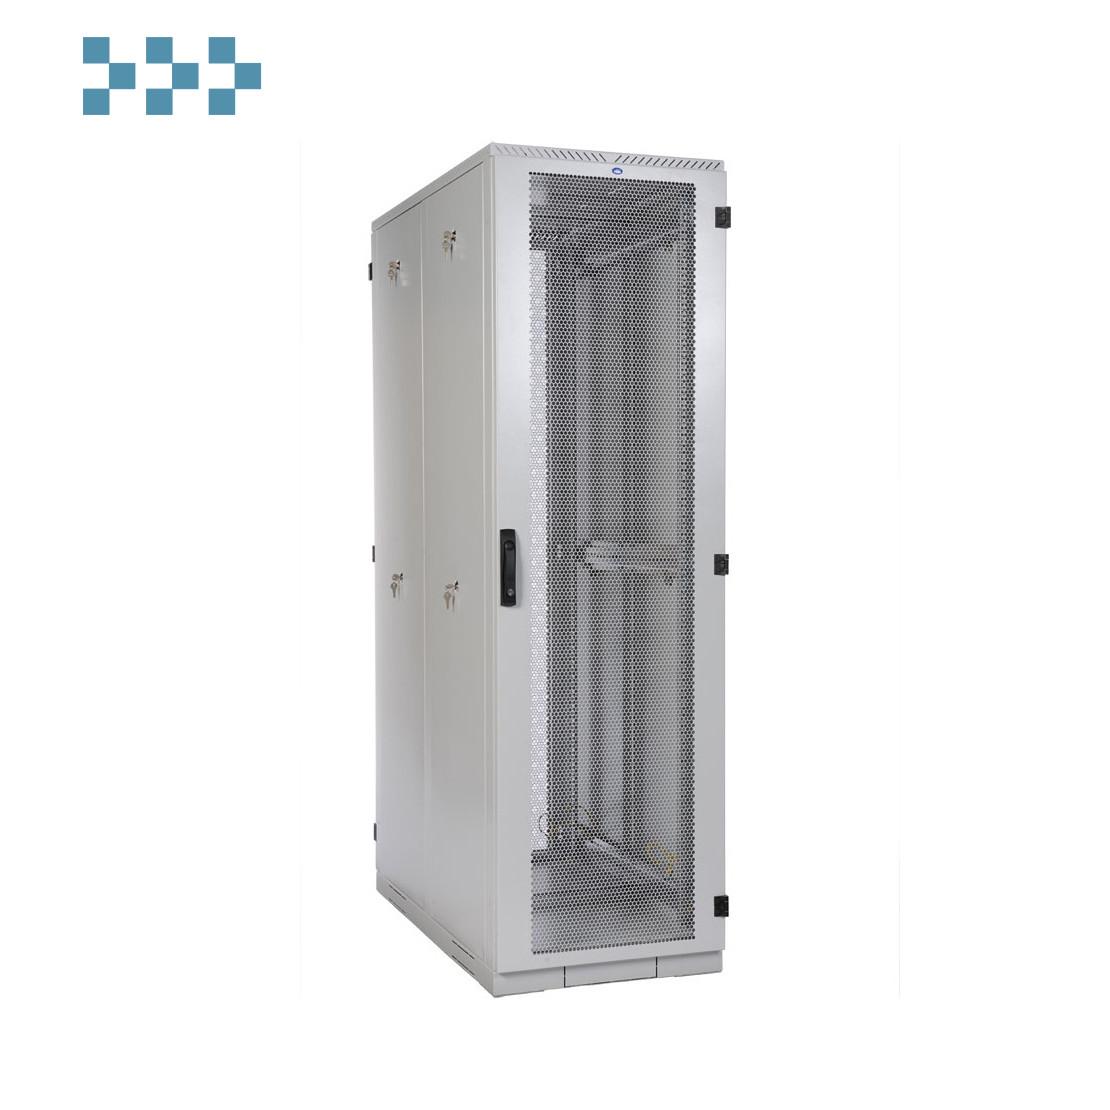 Шкаф серверный напольный 33U ЦМО ШТК-С-33.6.12-44АА